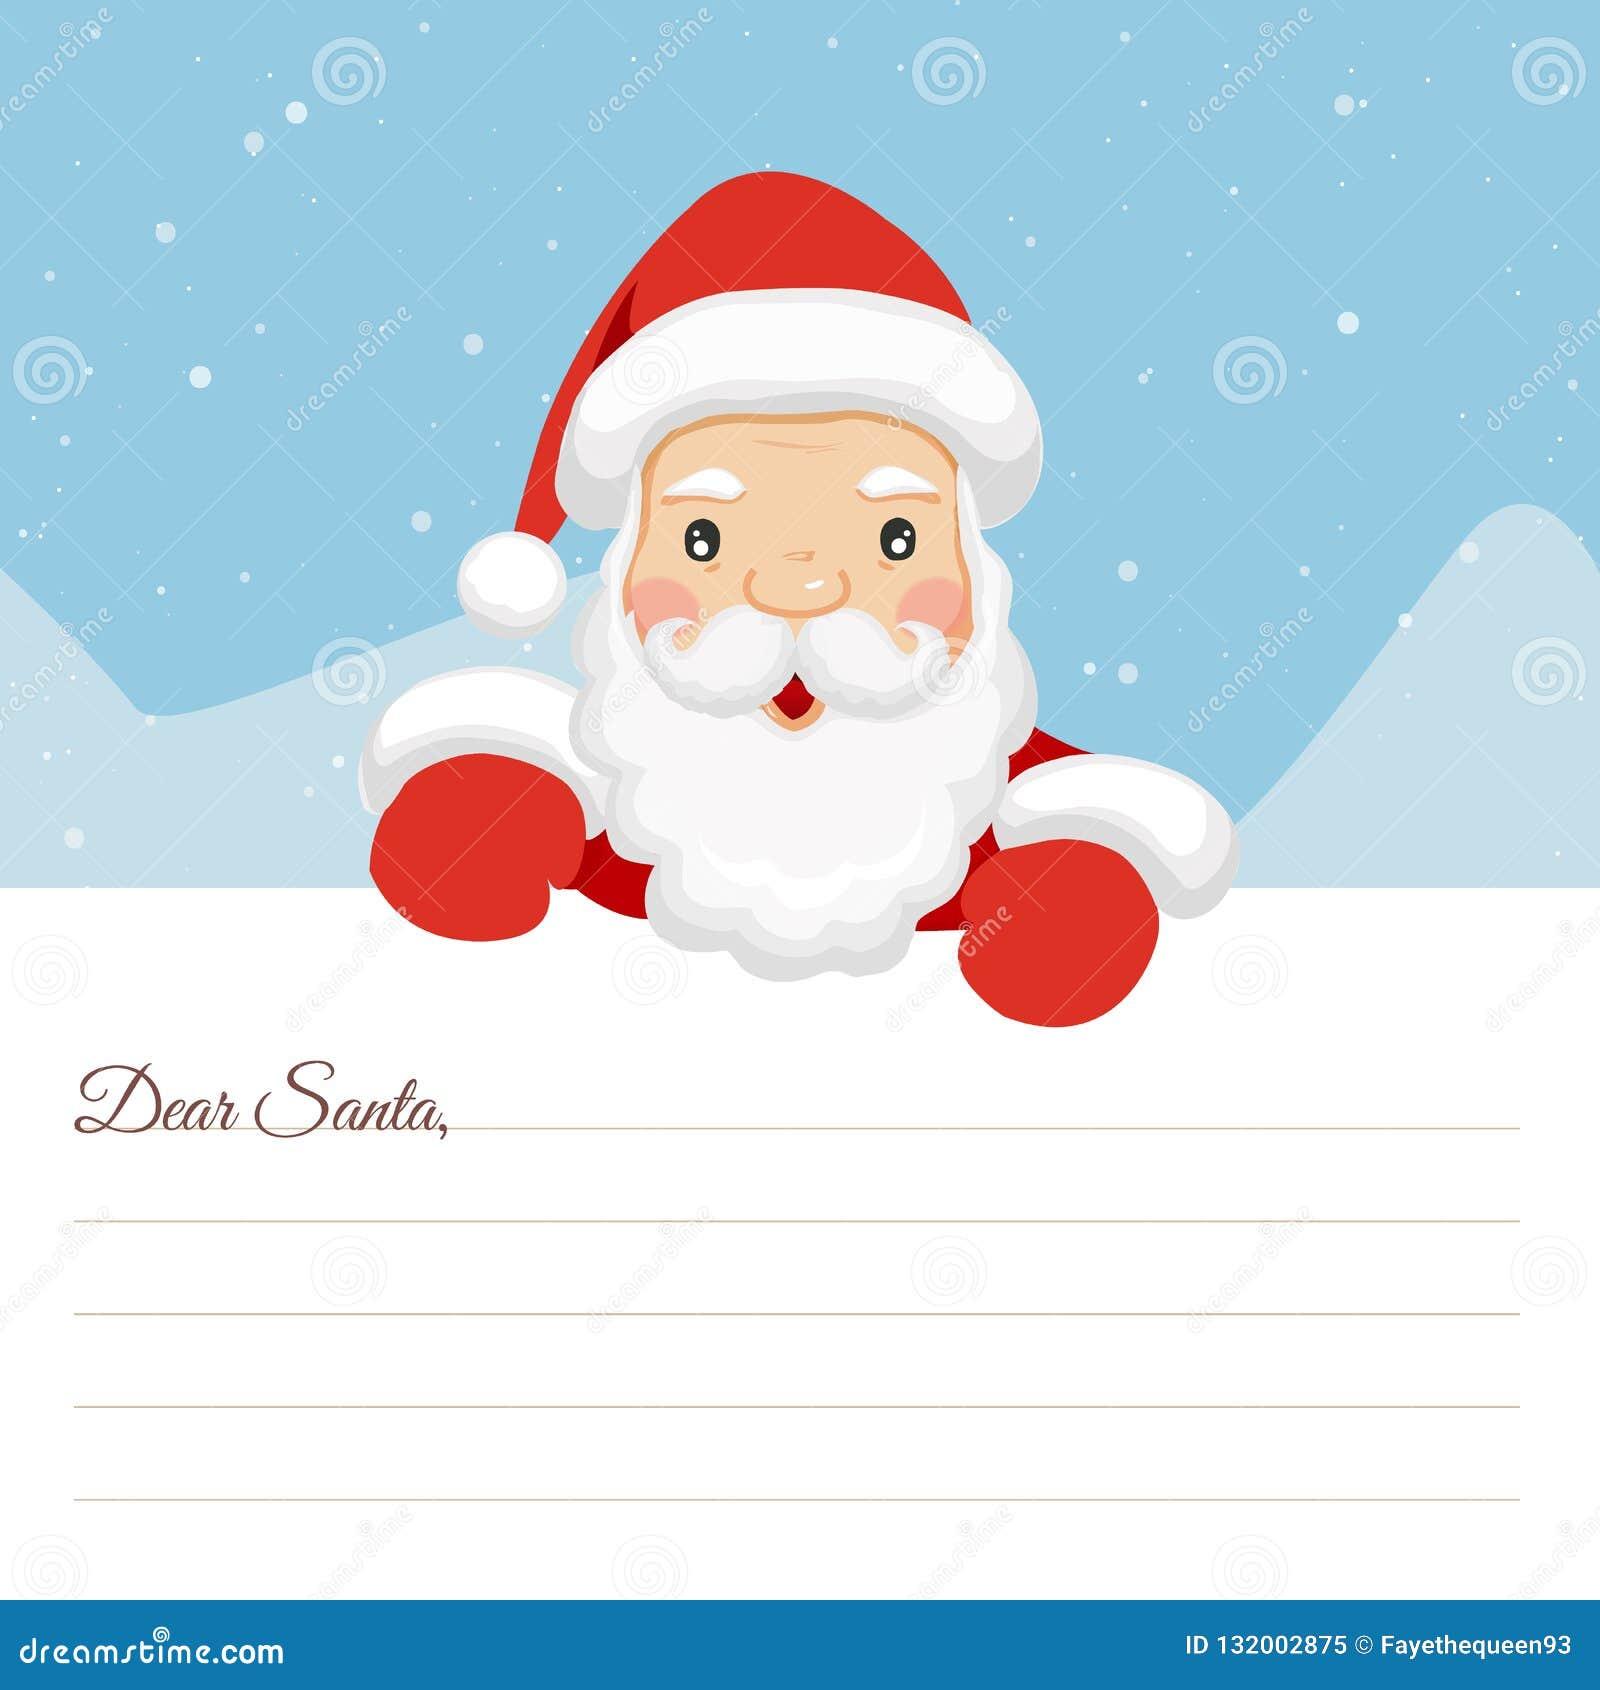 Buchstaben Frohe Weihnachten.Frohe Weihnachten Des Buchstaben Zeichen Zu Sankt Liebe Sankt Liebes